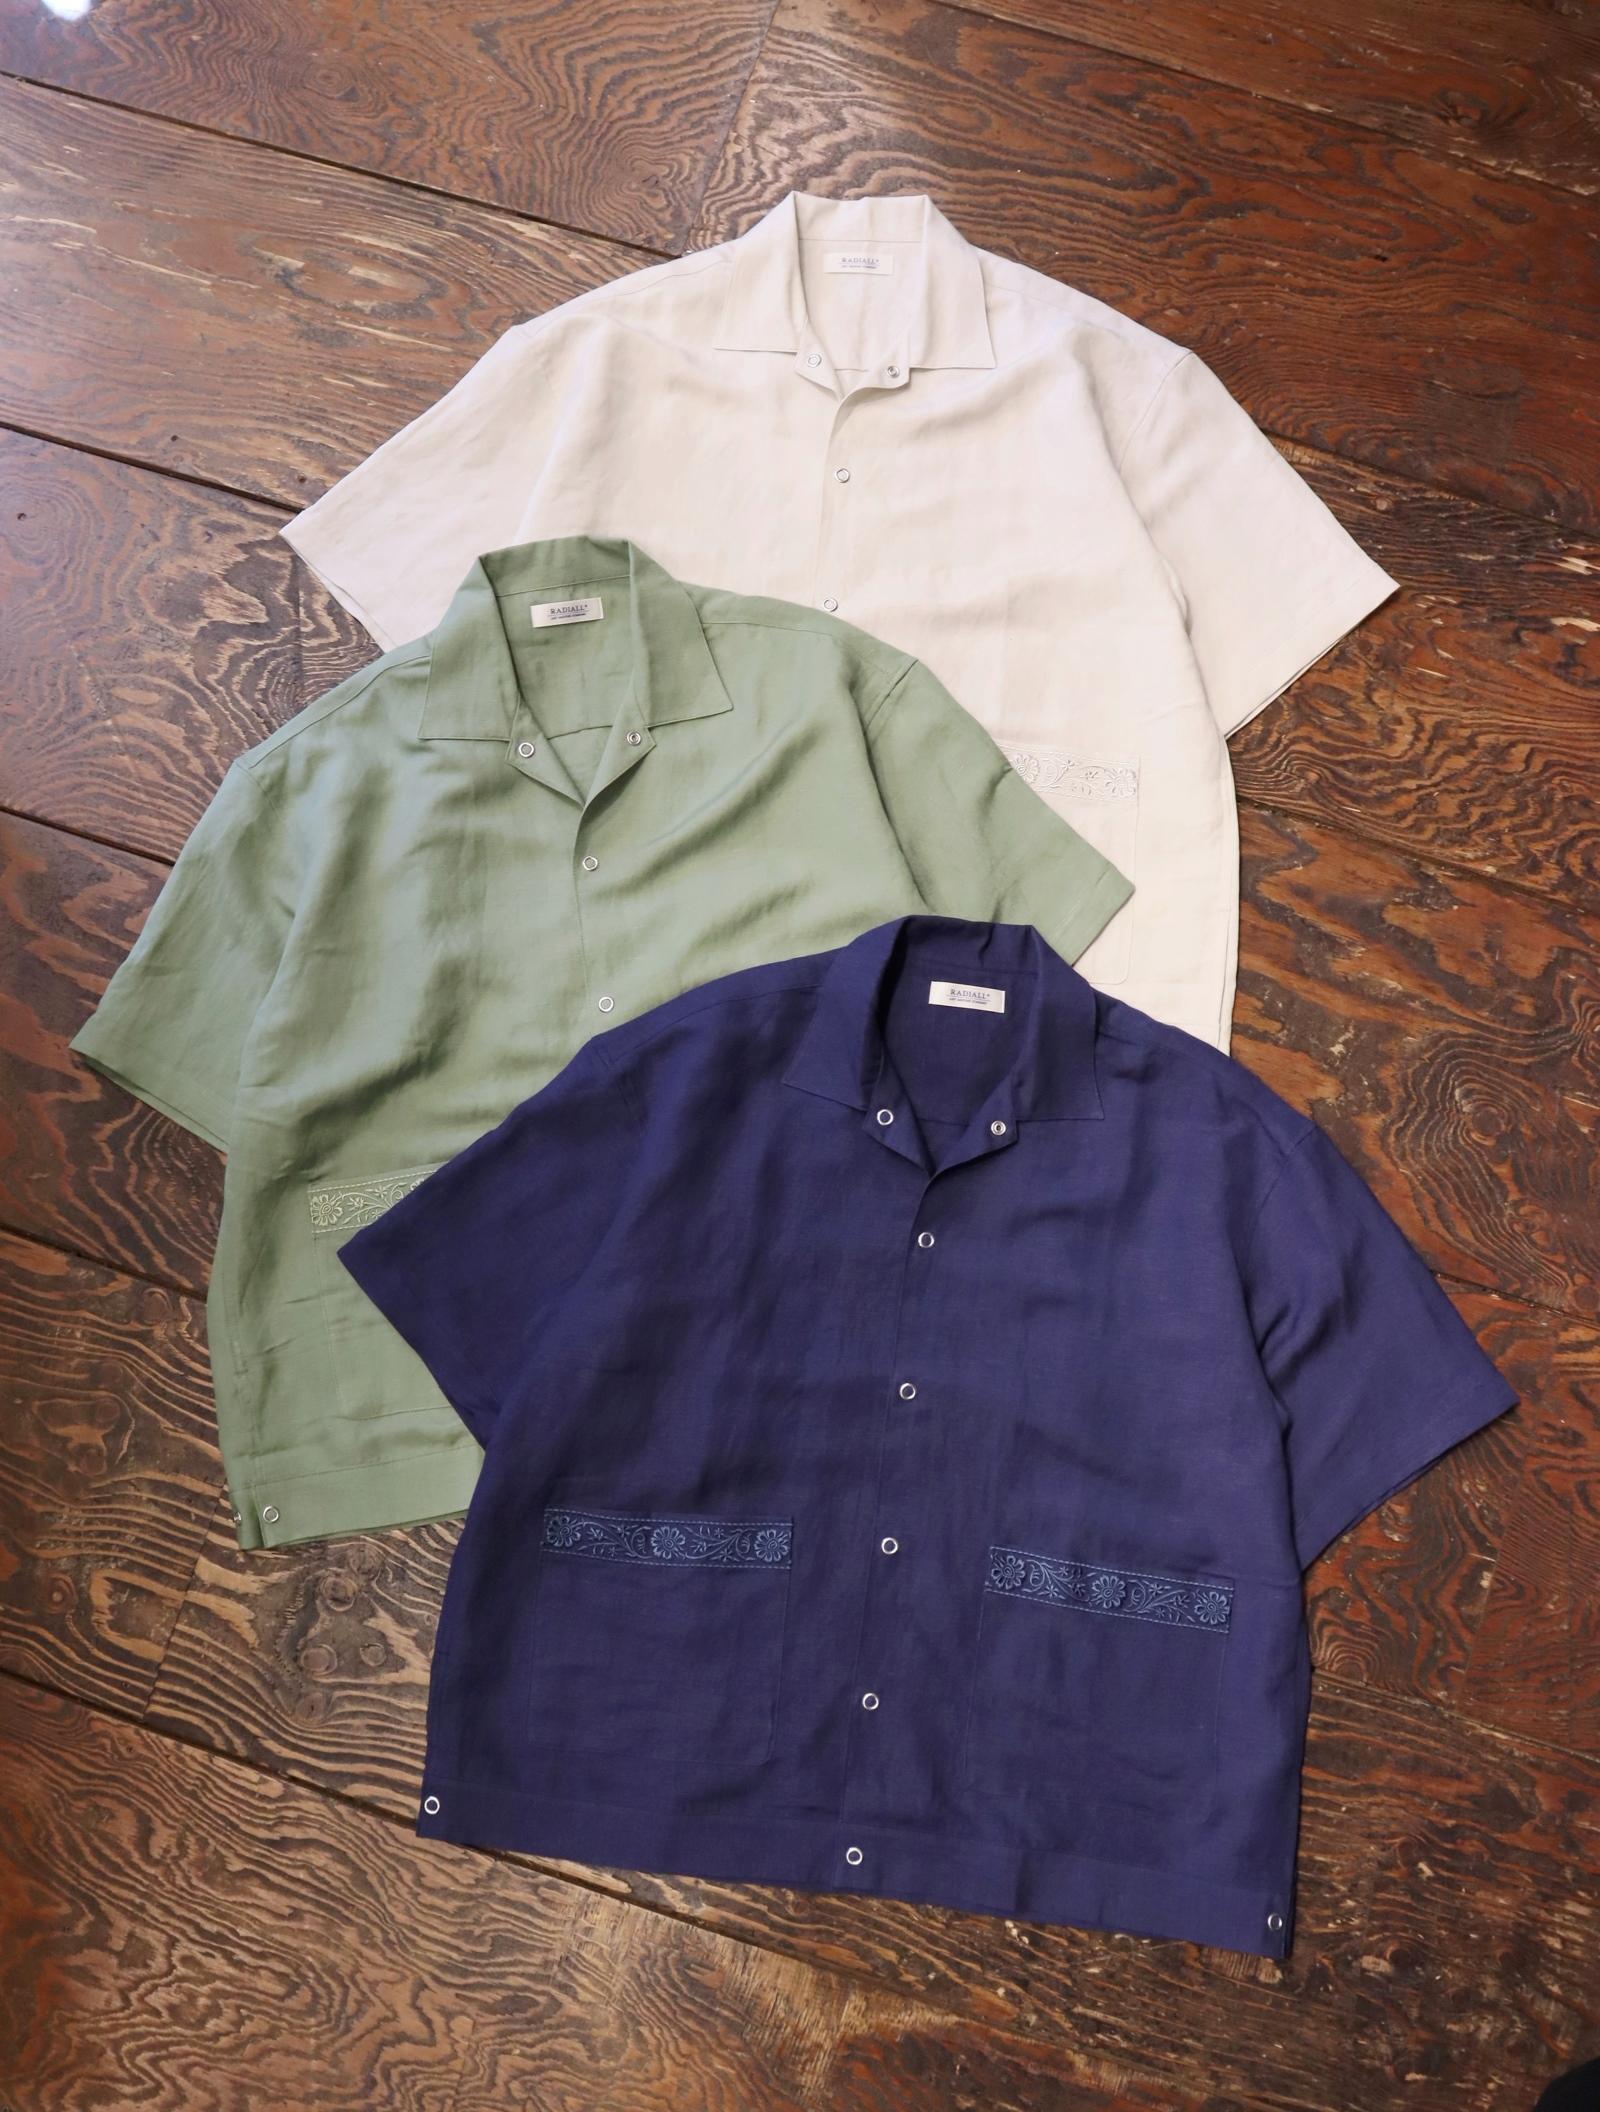 RADIALL  「FLOWER - OPEN COLLARED SHIRT S/S」  オープンカラーシャツ